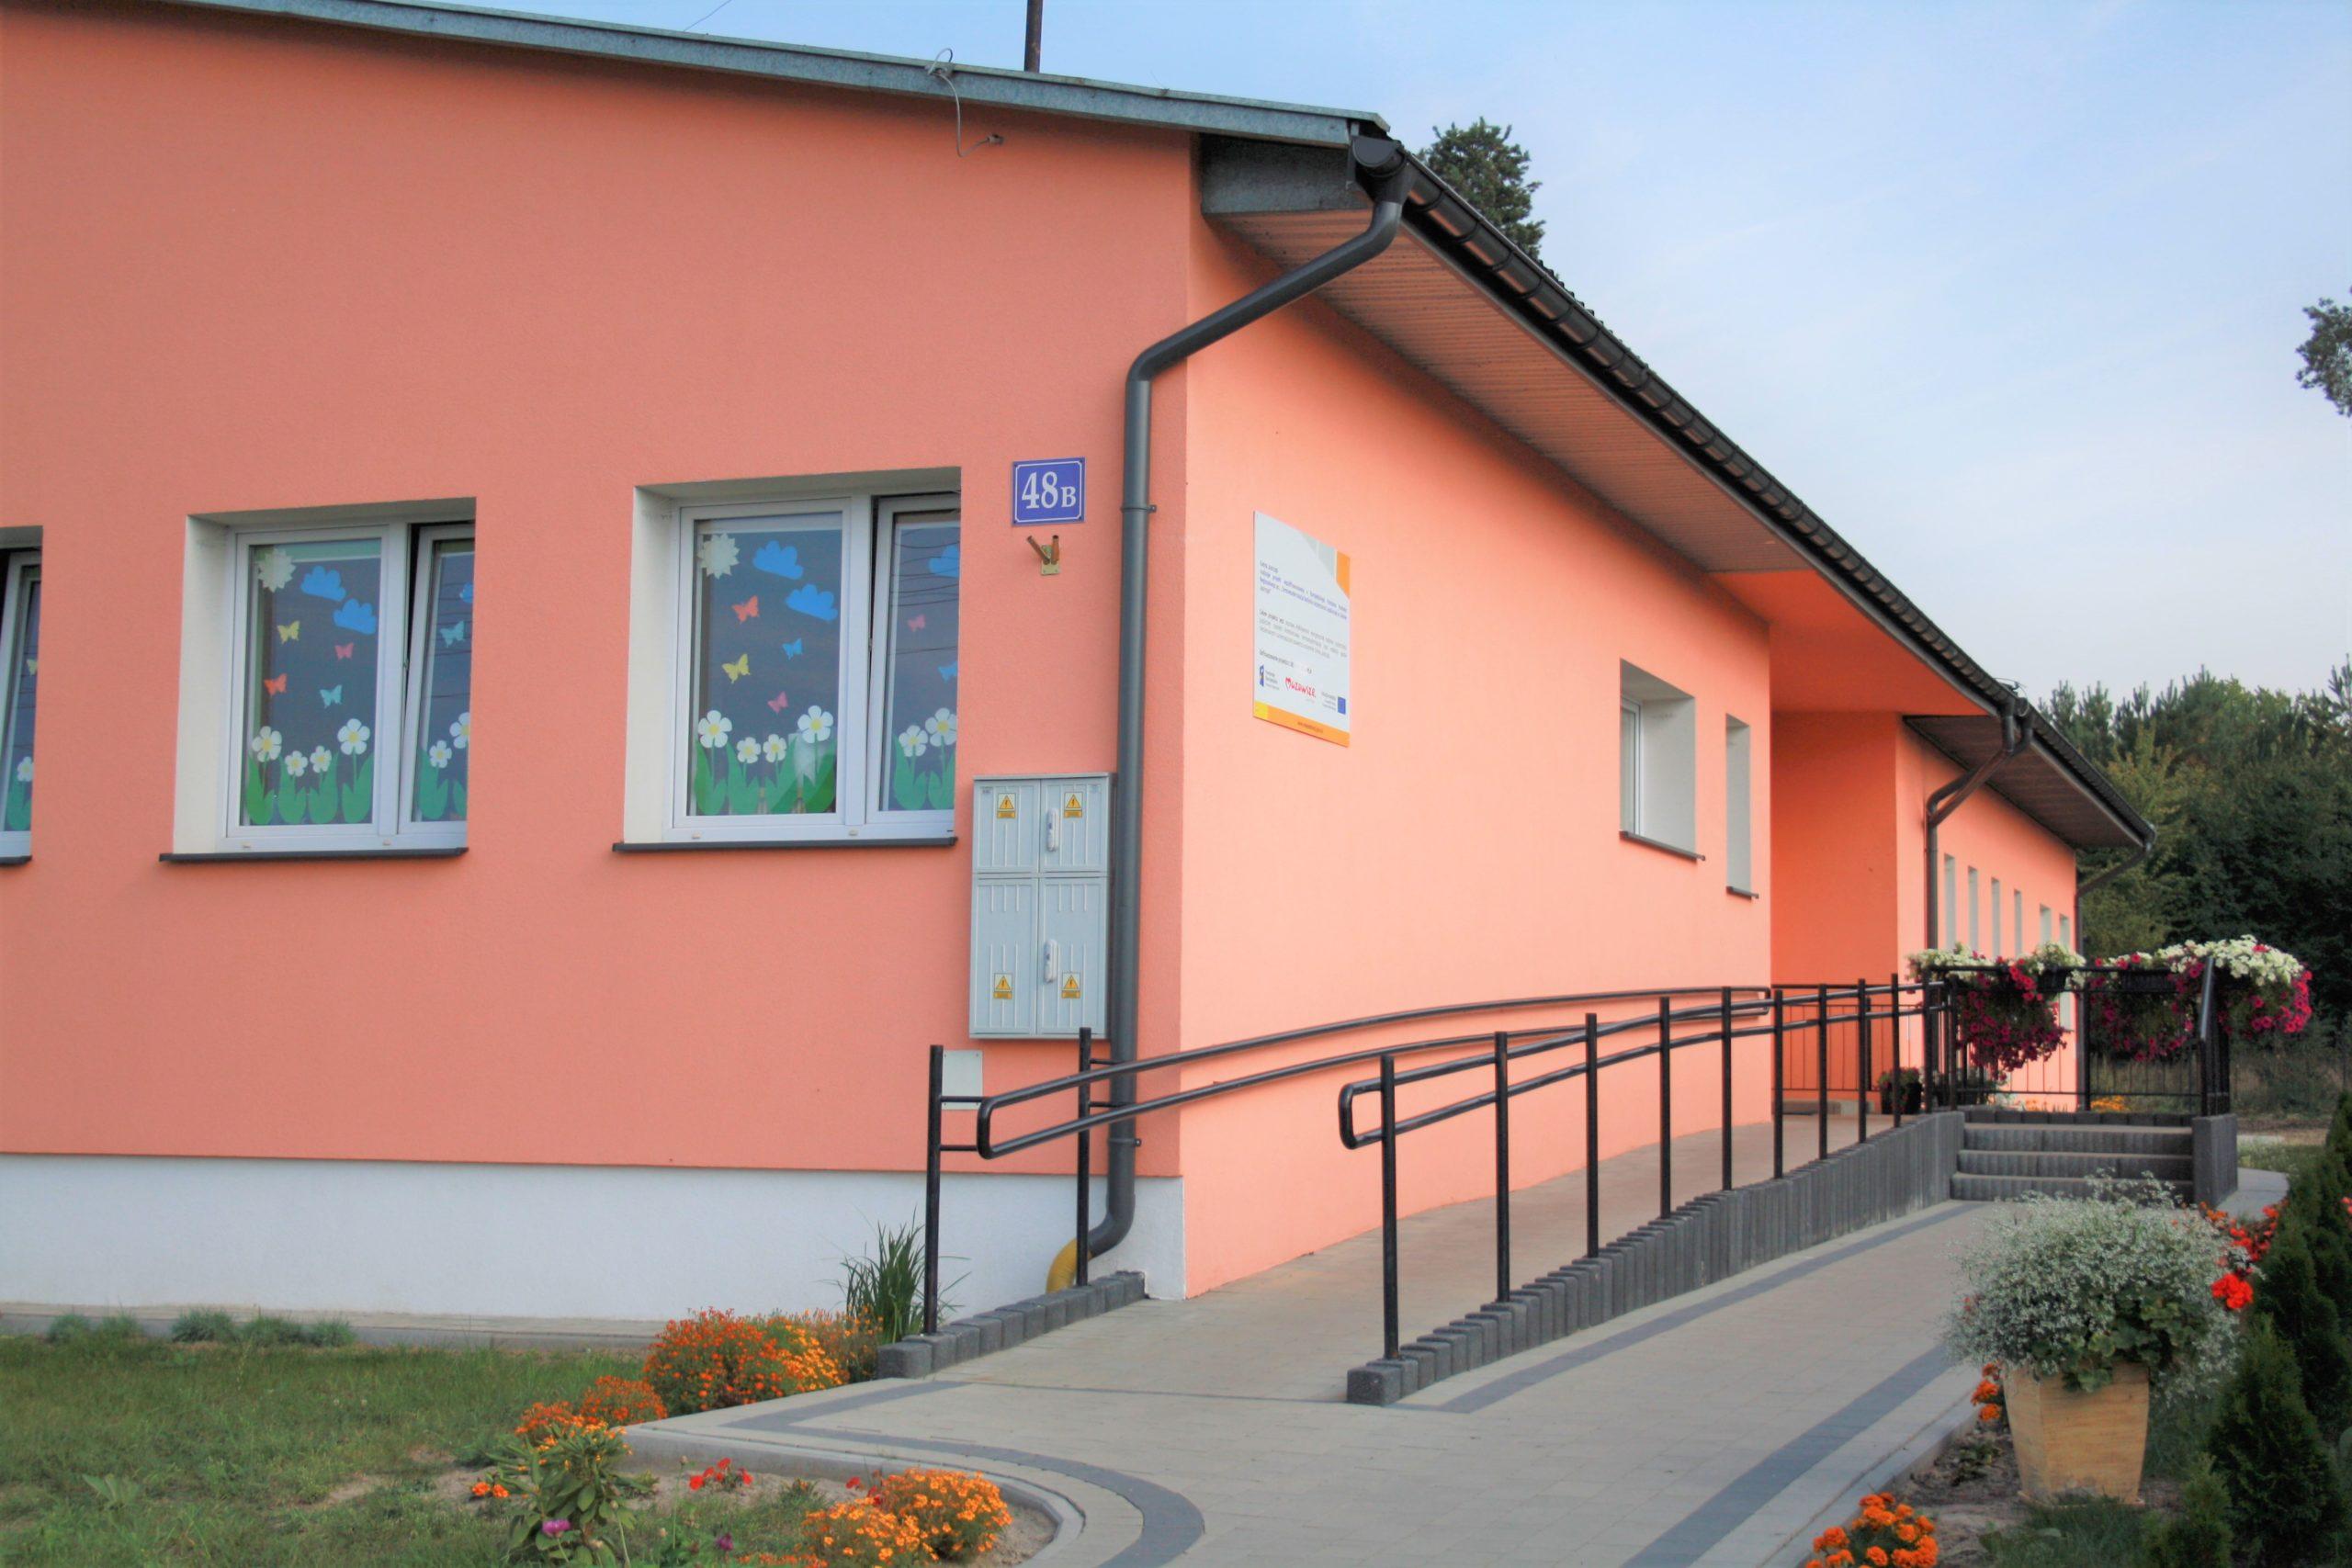 Dzięki Funduszom Europejskim w gminie Jastrząb powstało przedszkole Baśniowa Kraina